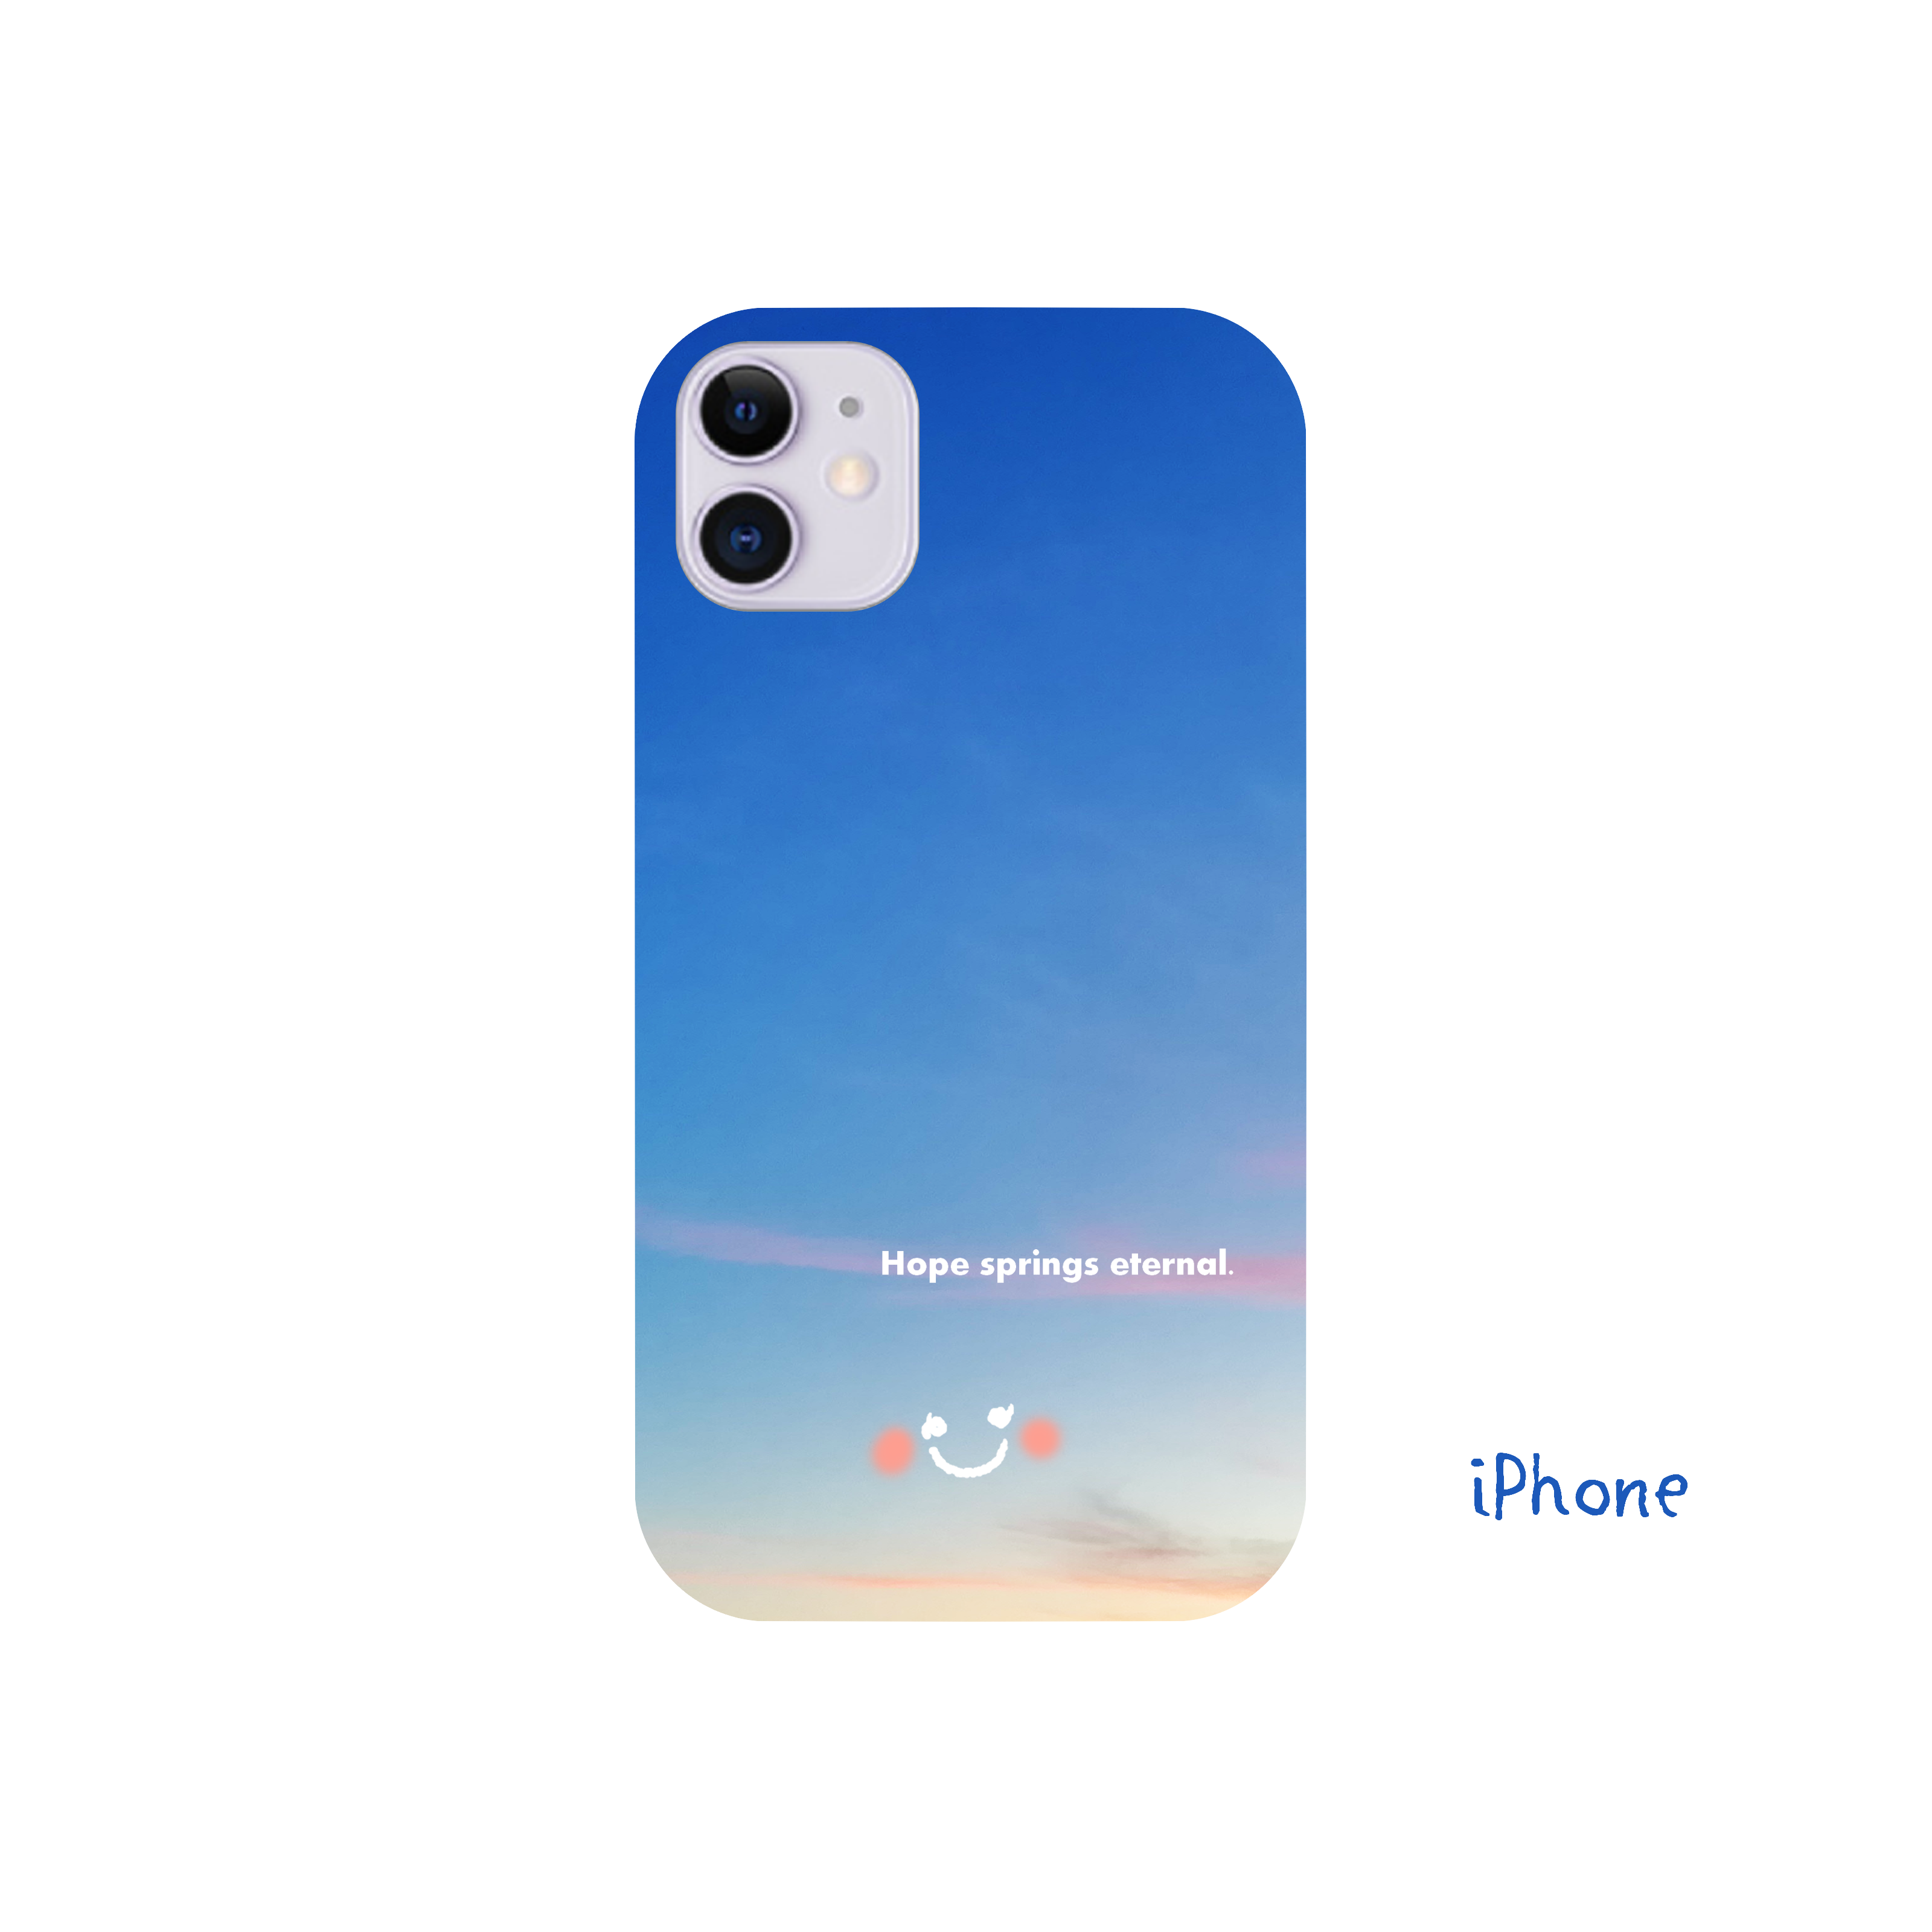 Hope springs eternal. iPhone12(透明)